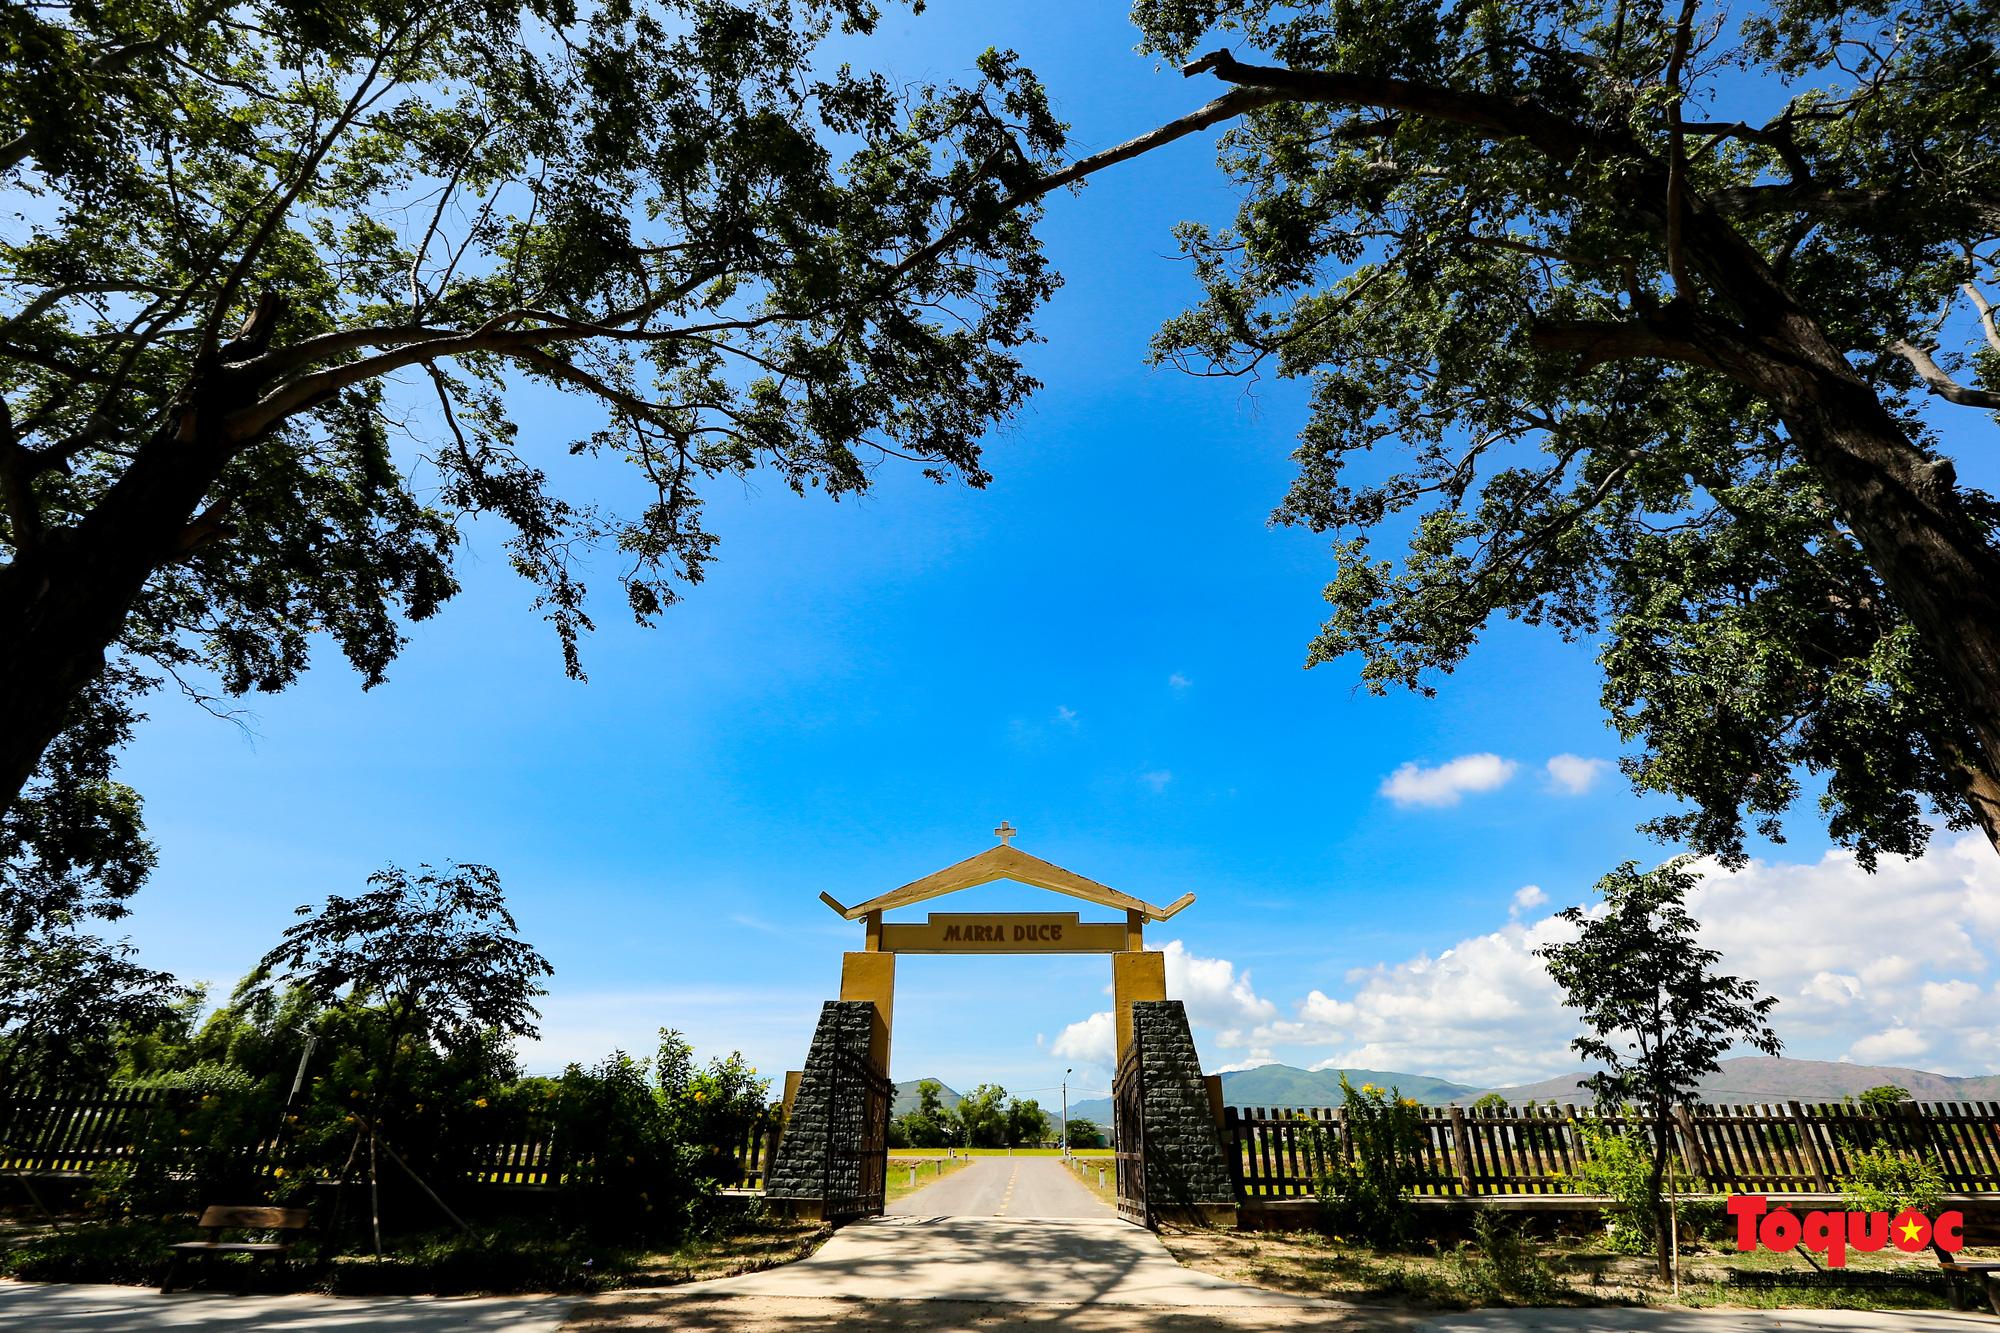 Tiểu Chủng Viện Làng Sông - kiến trúc Gothic tuyệt đẹp giữa đồng quê Việt Nam - Ảnh 12.